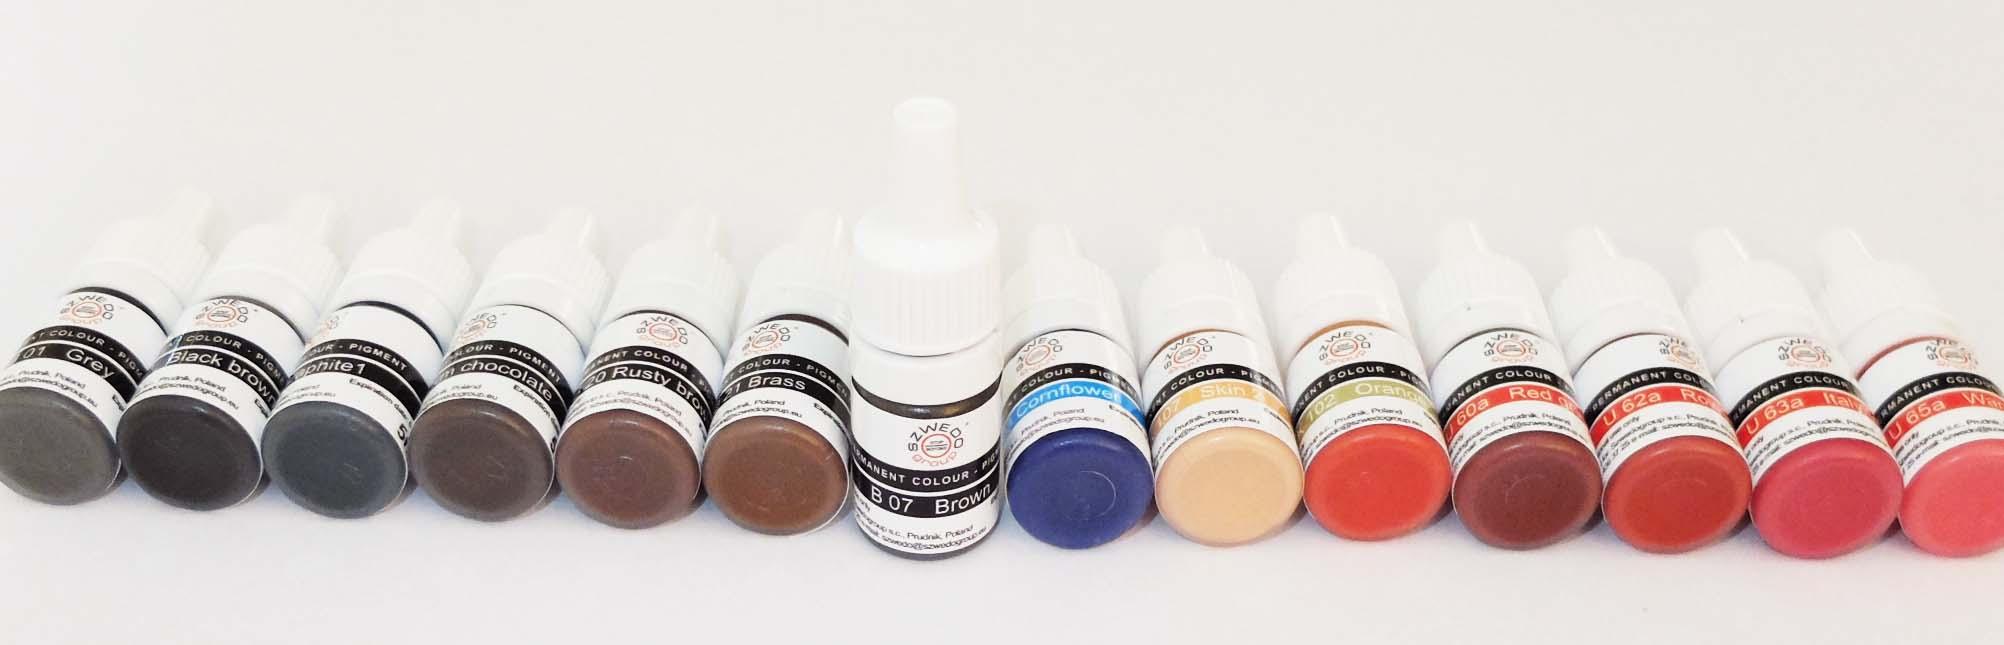 pmu-pigment-augenlinien